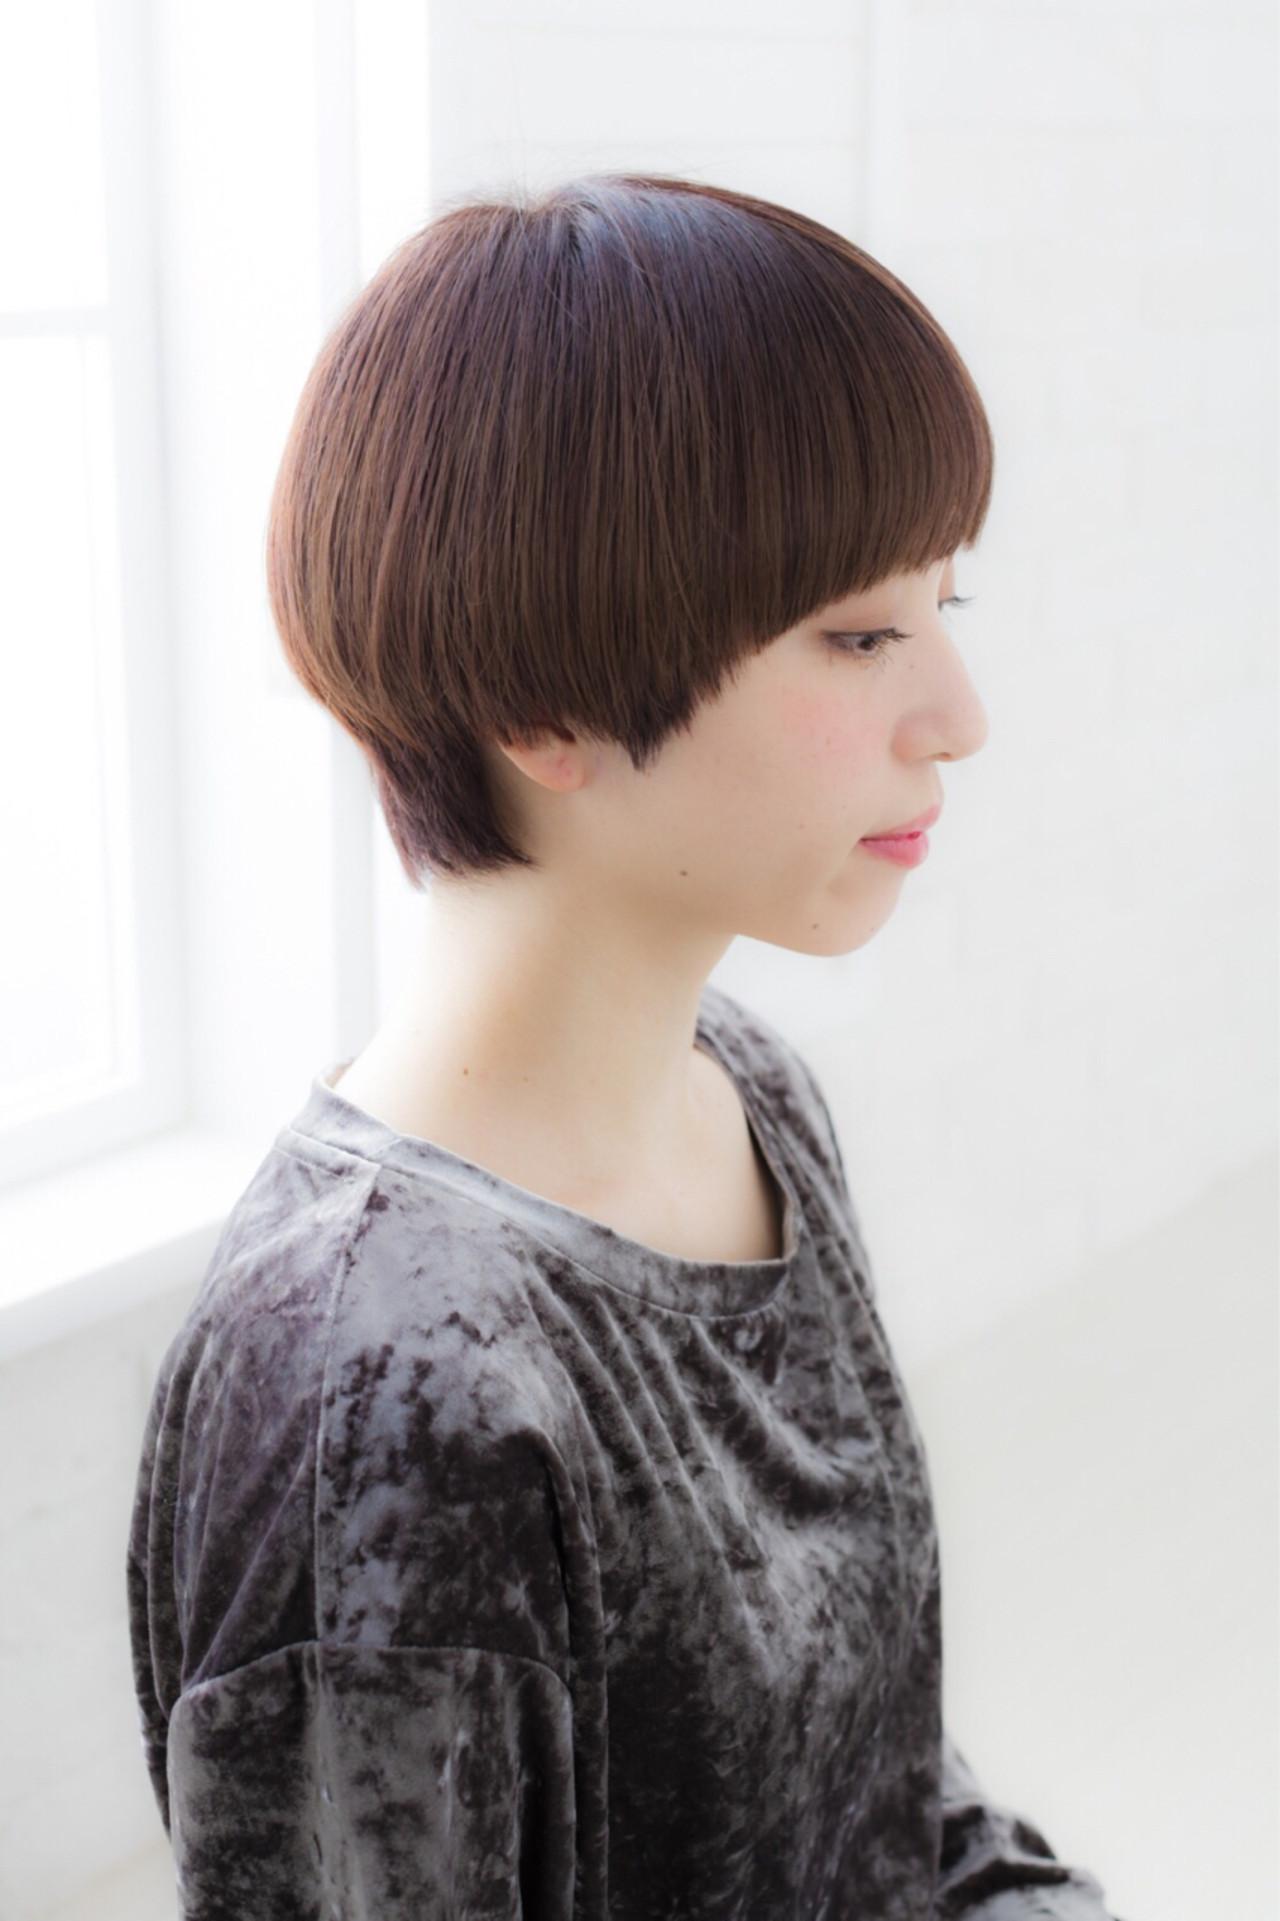 ナチュラル 似合わせ ブラウン ショート ヘアスタイルや髪型の写真・画像